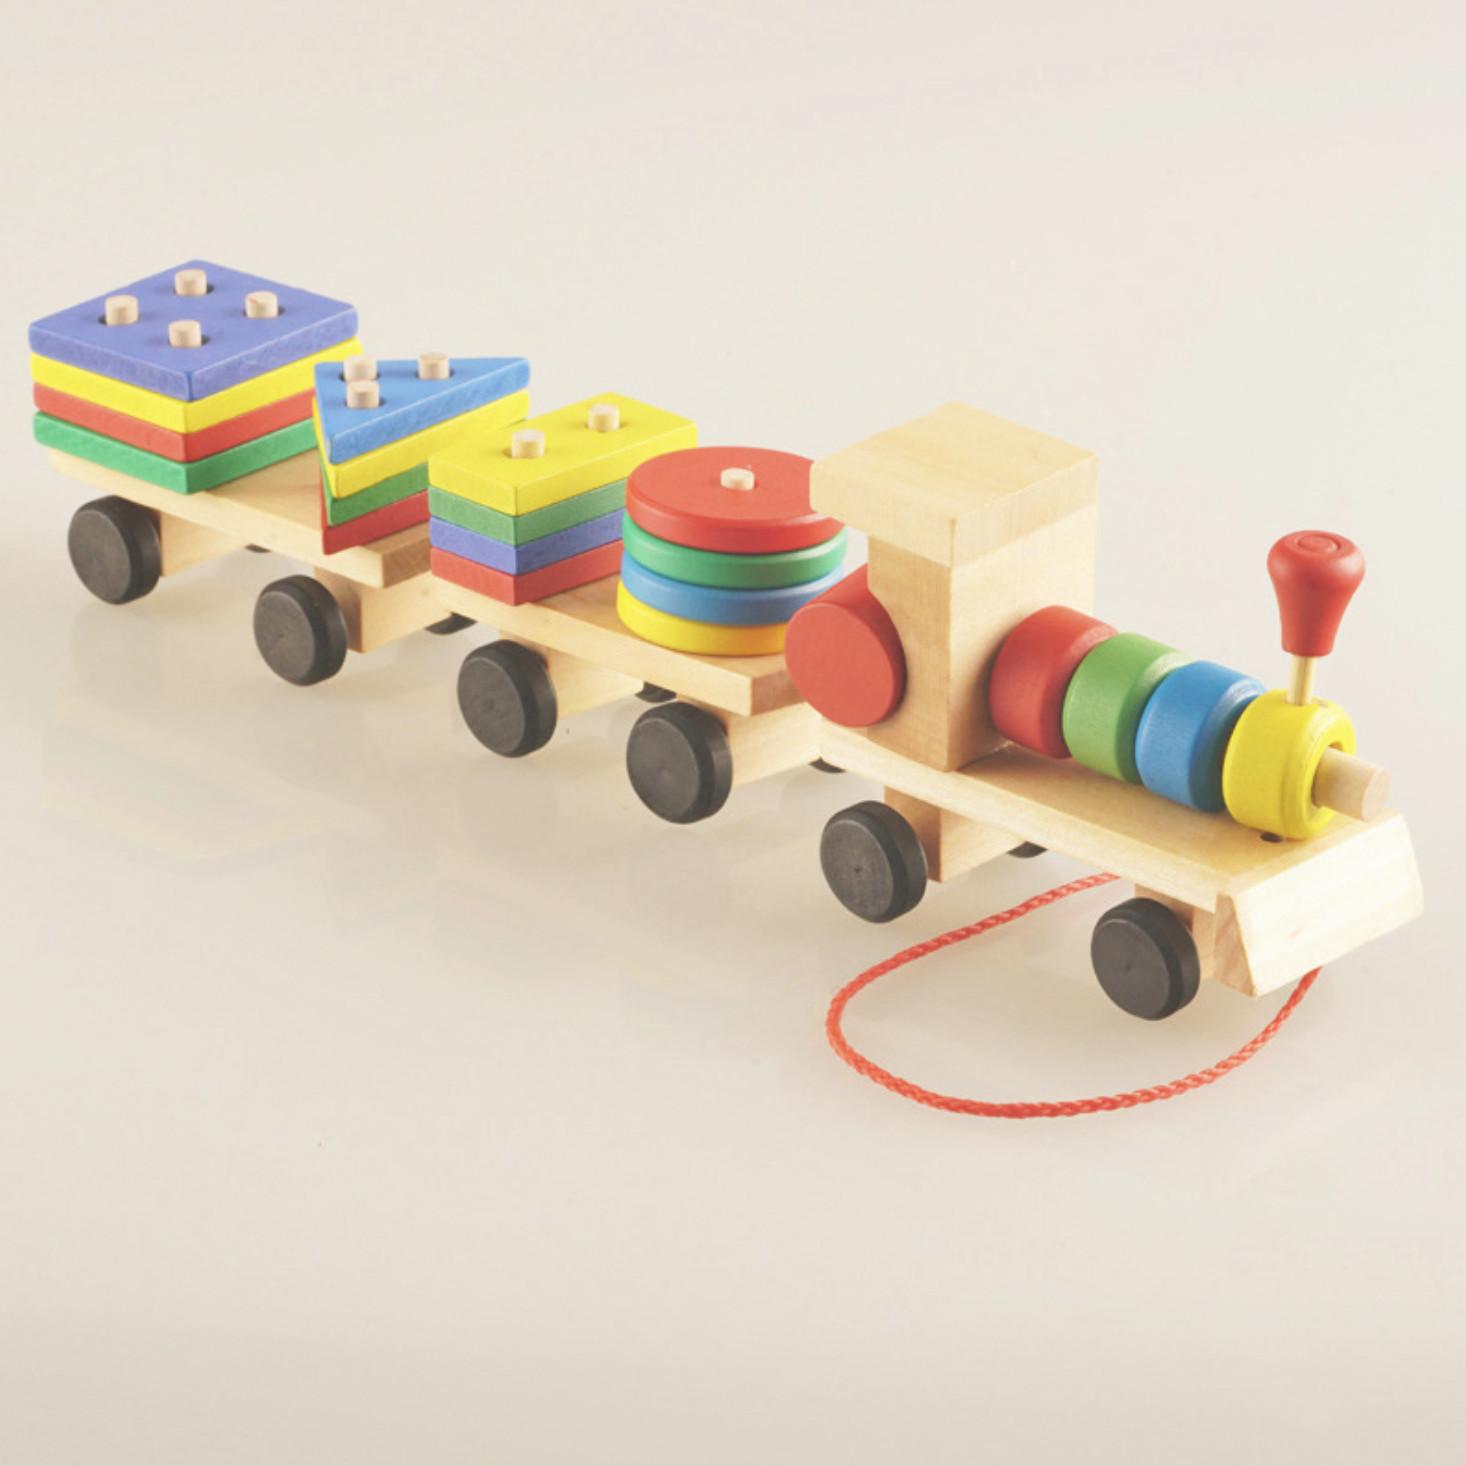 Bộ đồ chơi xếp hình đoàn tàu gỗ độc đáo giúp phát triển tư duy cho trẻ